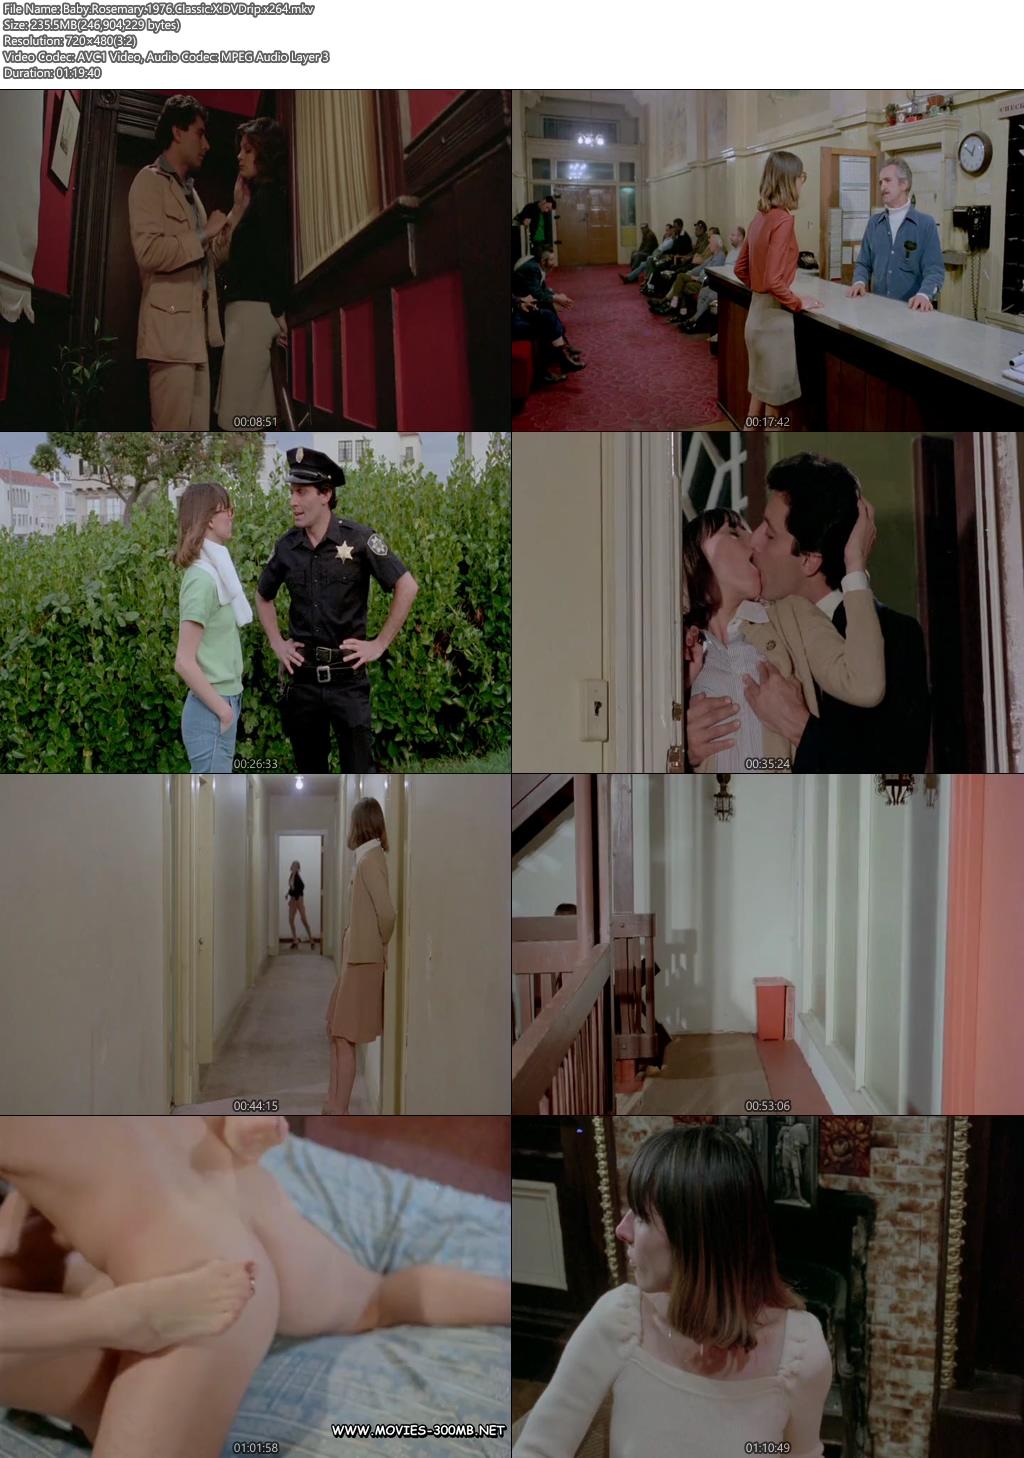 [18+] Baby Rosemary 1976 200MB Classic X DVDrip x264 Screenshot